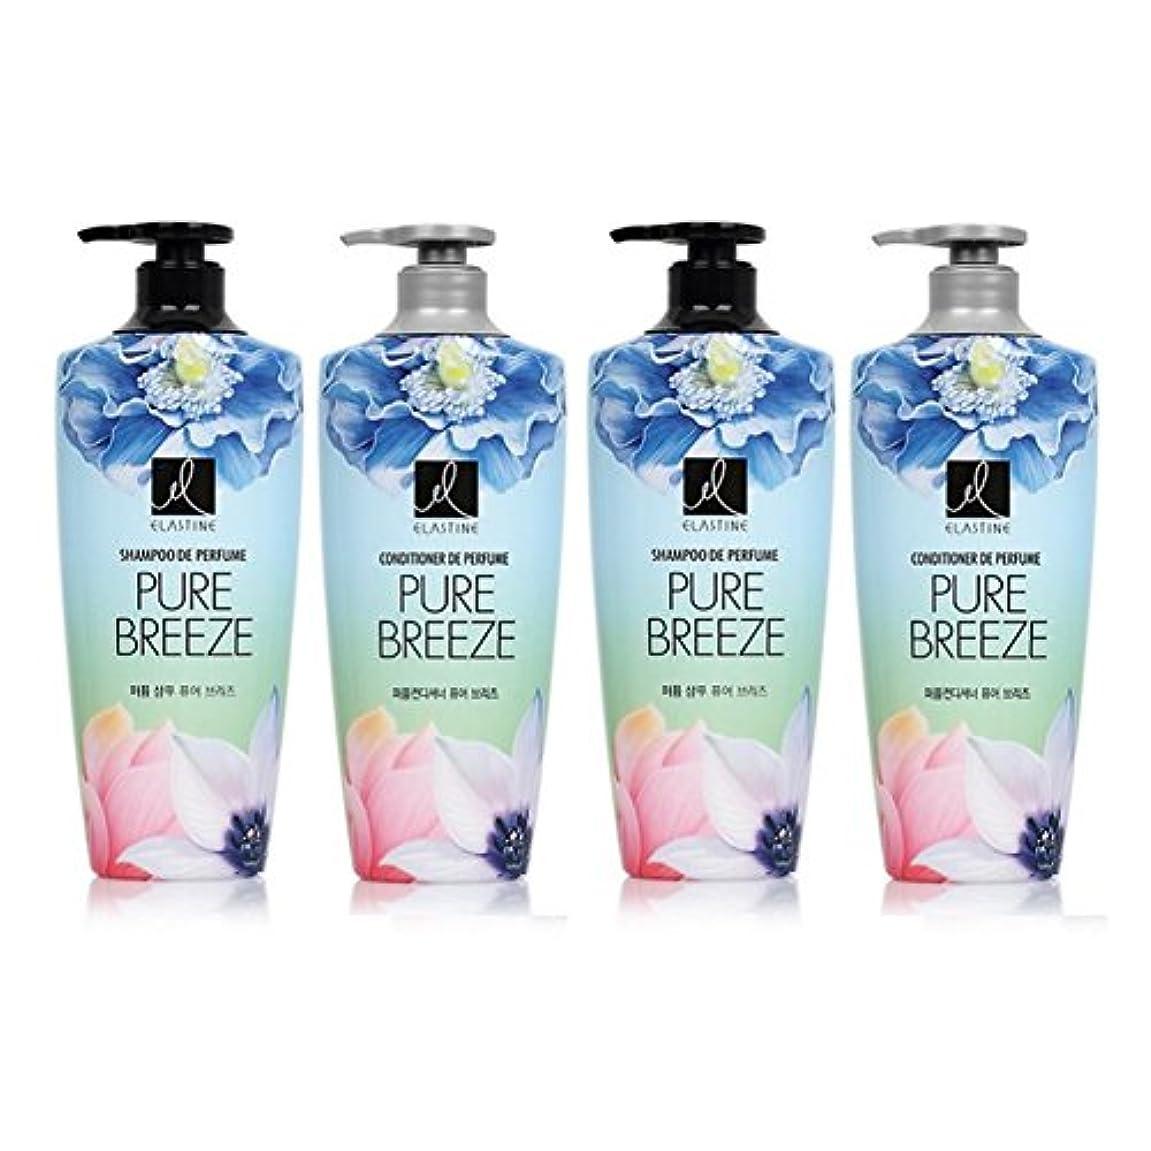 胸保証収益[エラスティン] Elastine Perfume PURE BREEZE 4本 セット / シャンプー(600ml) + コンディショナー(600ml) / パフュームピュアブリーズ [並行輸入品] (シャンプー 2本?コンディショナー 2本)